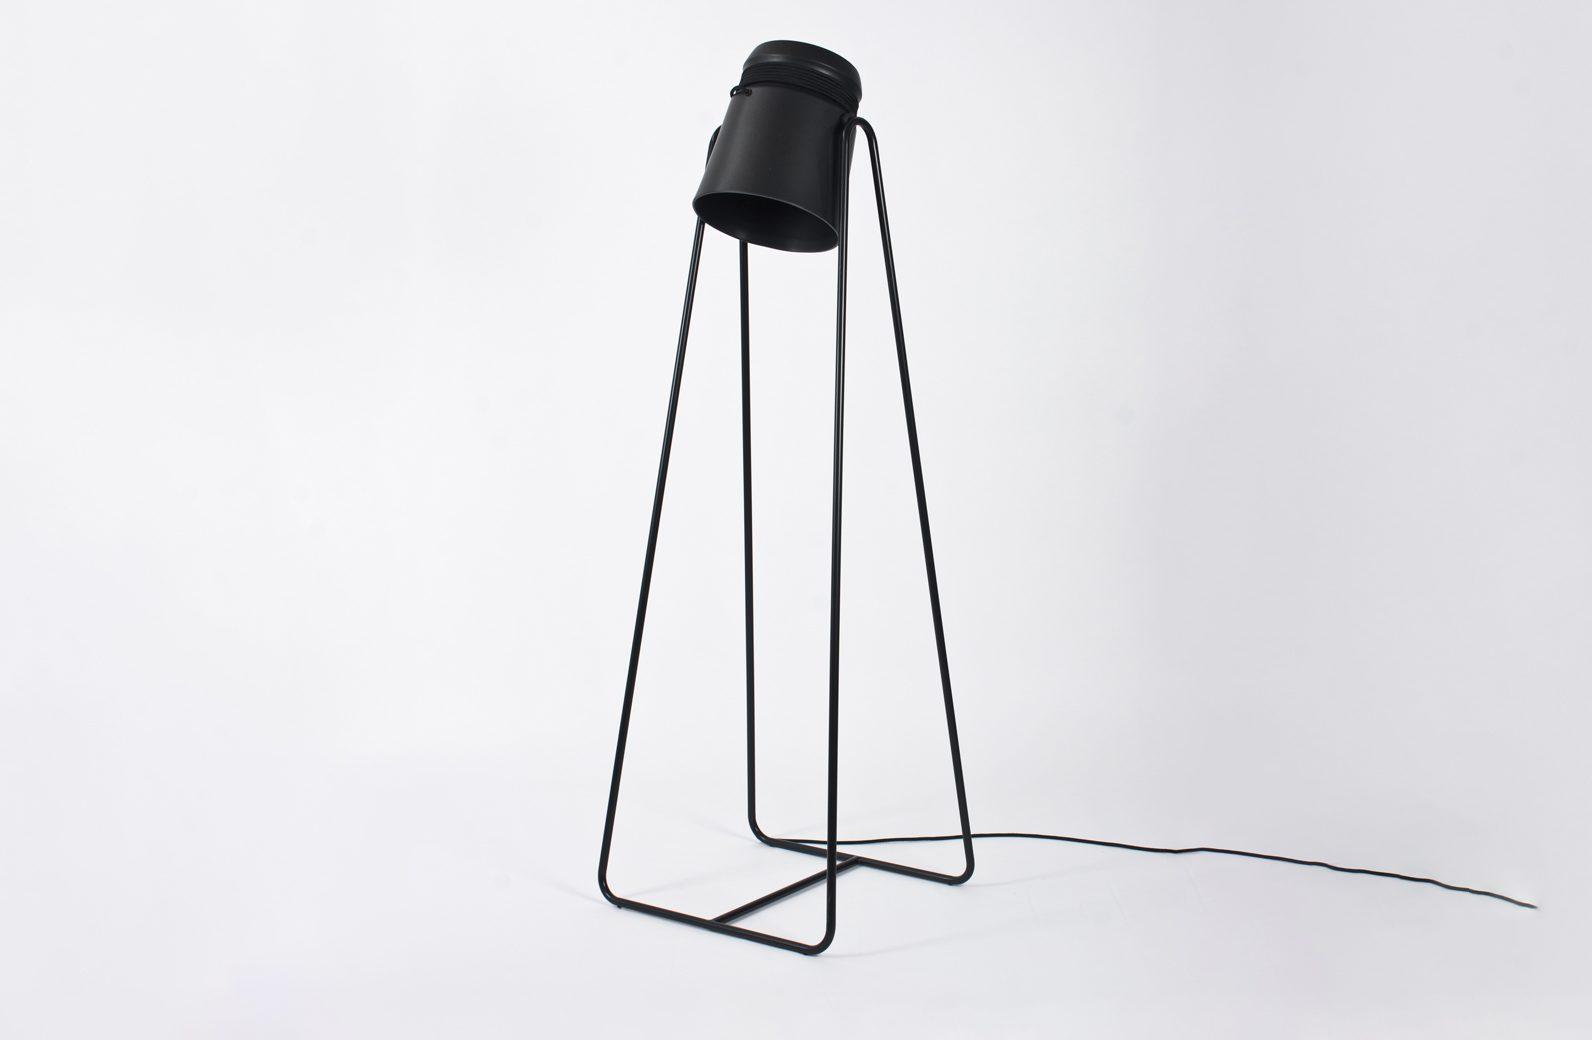 Staande lamp zwart staal tris staande lamp matgrijs en koper u